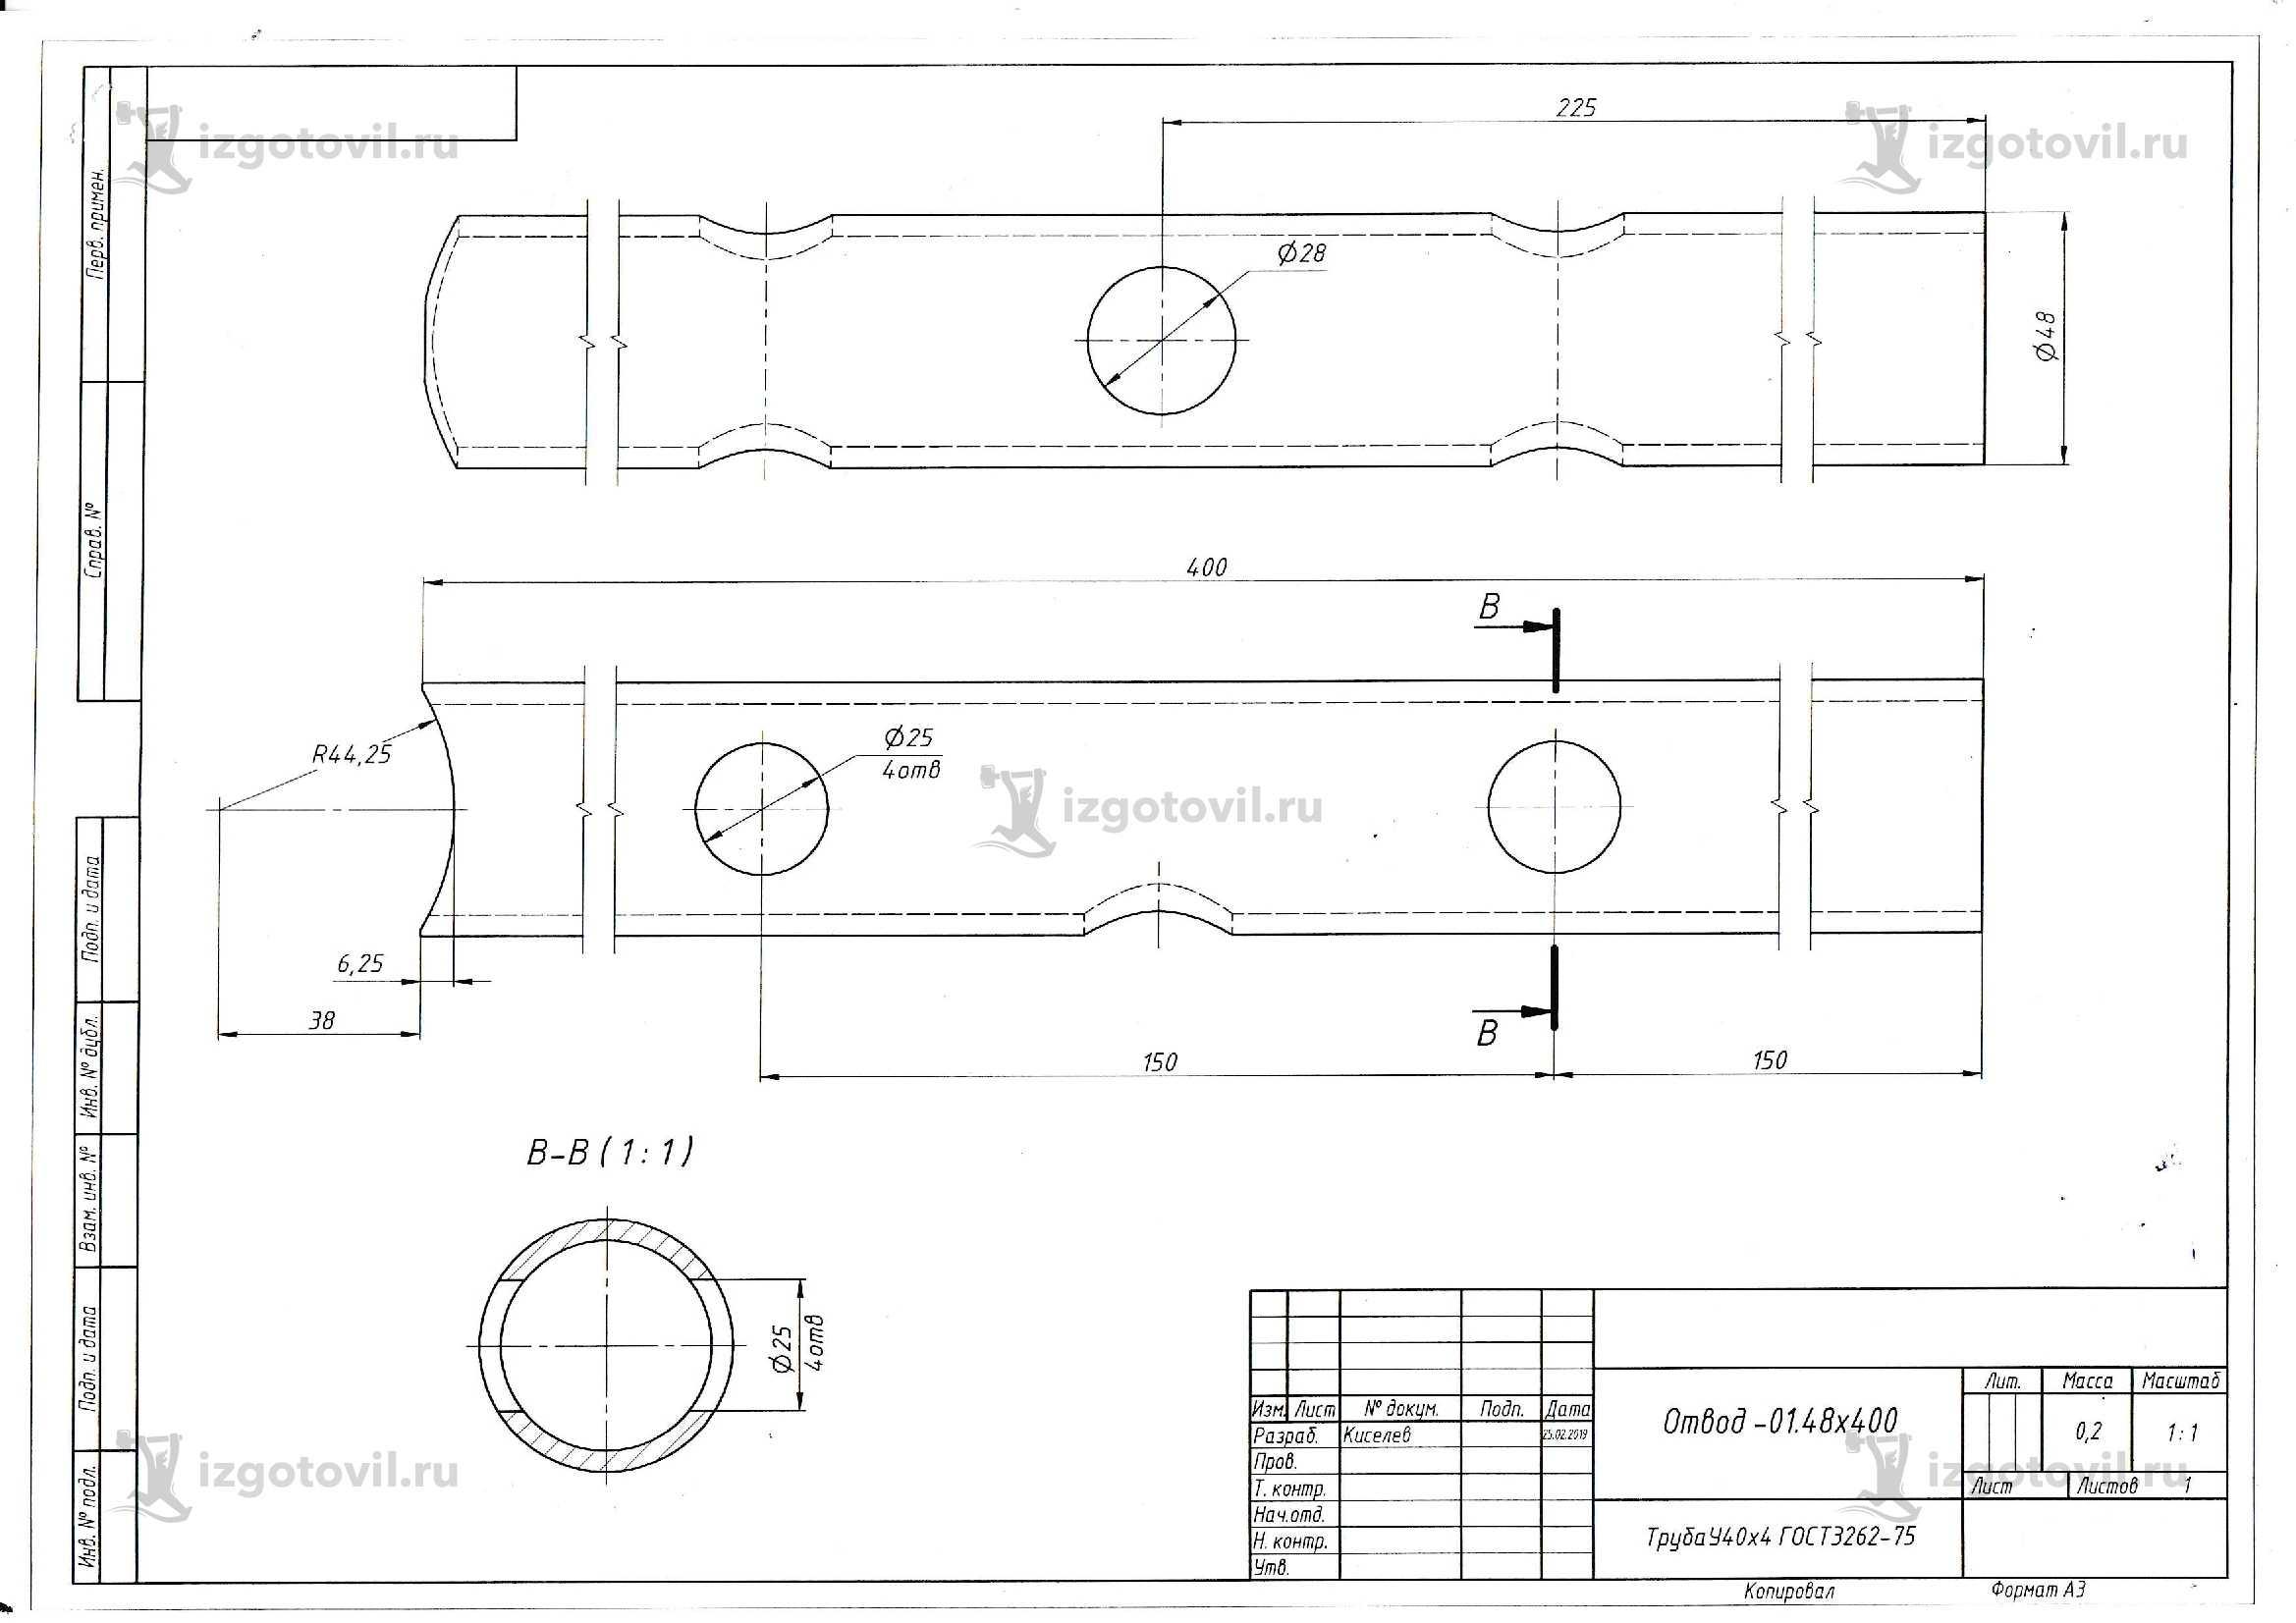 Лазерная резка (труба по чертежу)